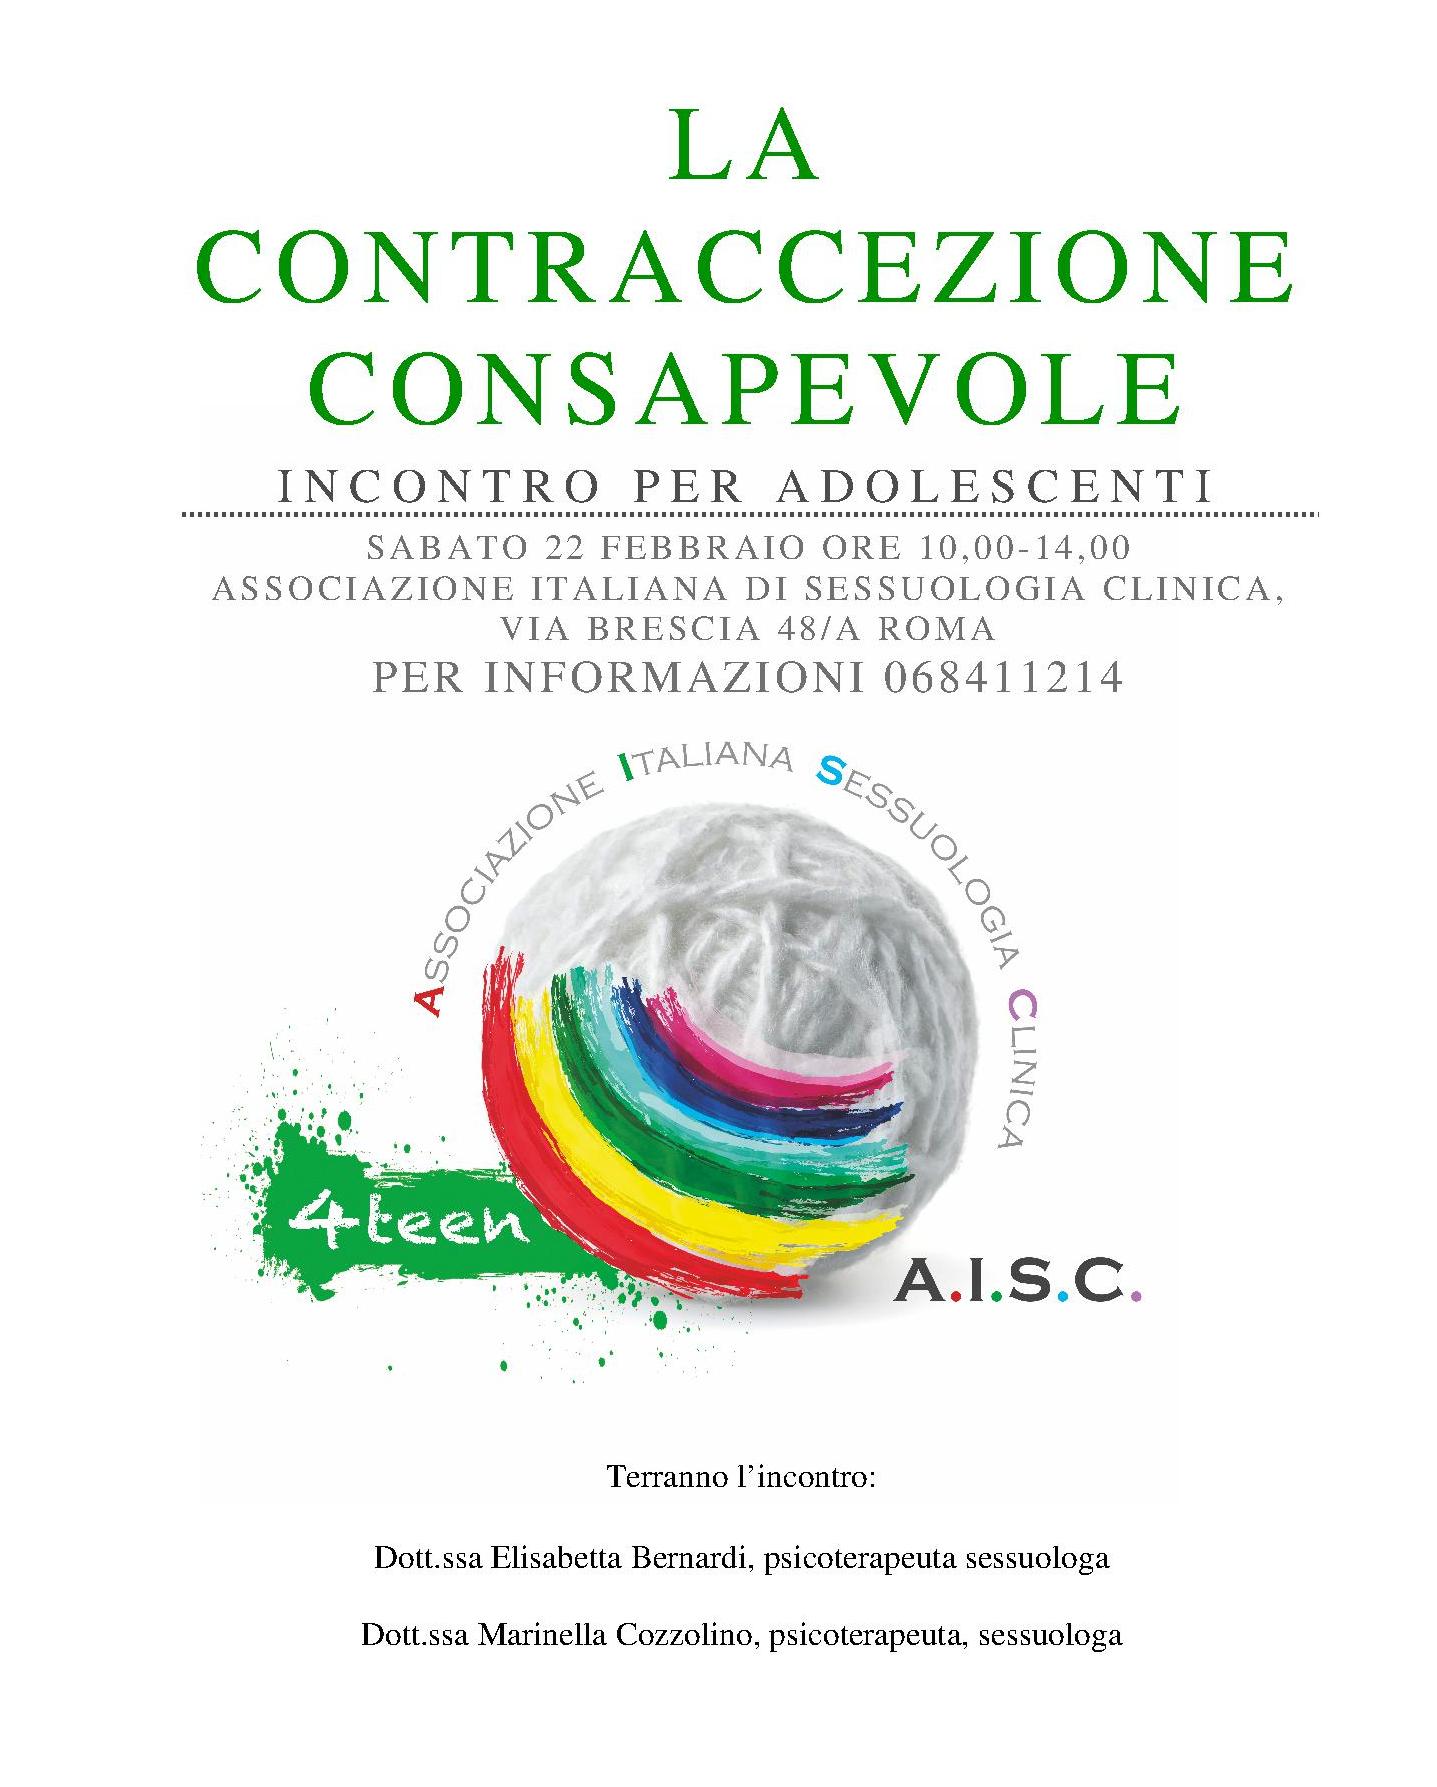 La contraccezione consapevole